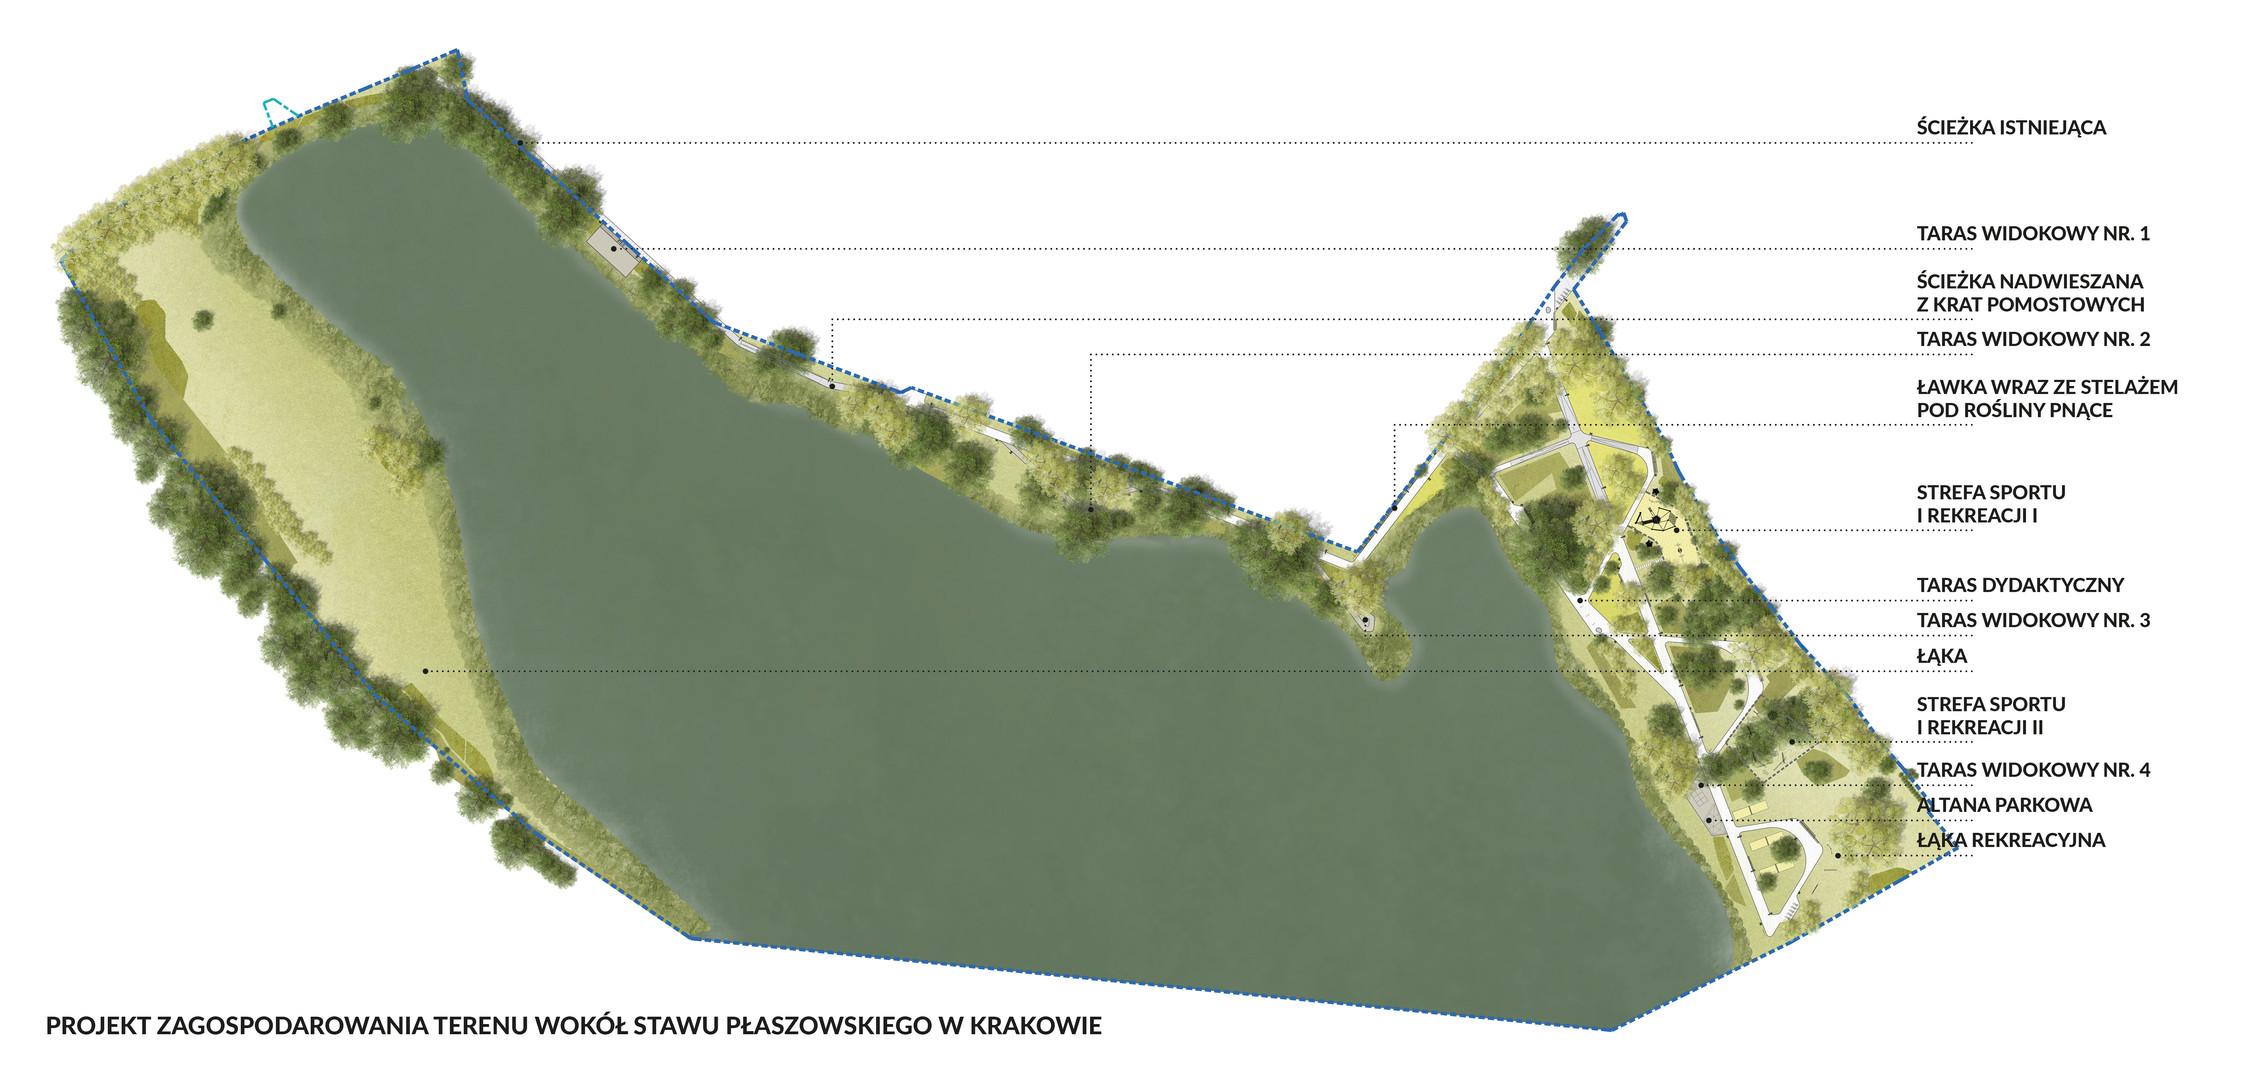 Projekt zagospodarowania terenu wokół Stawu Płaszowskiego w Krakowie